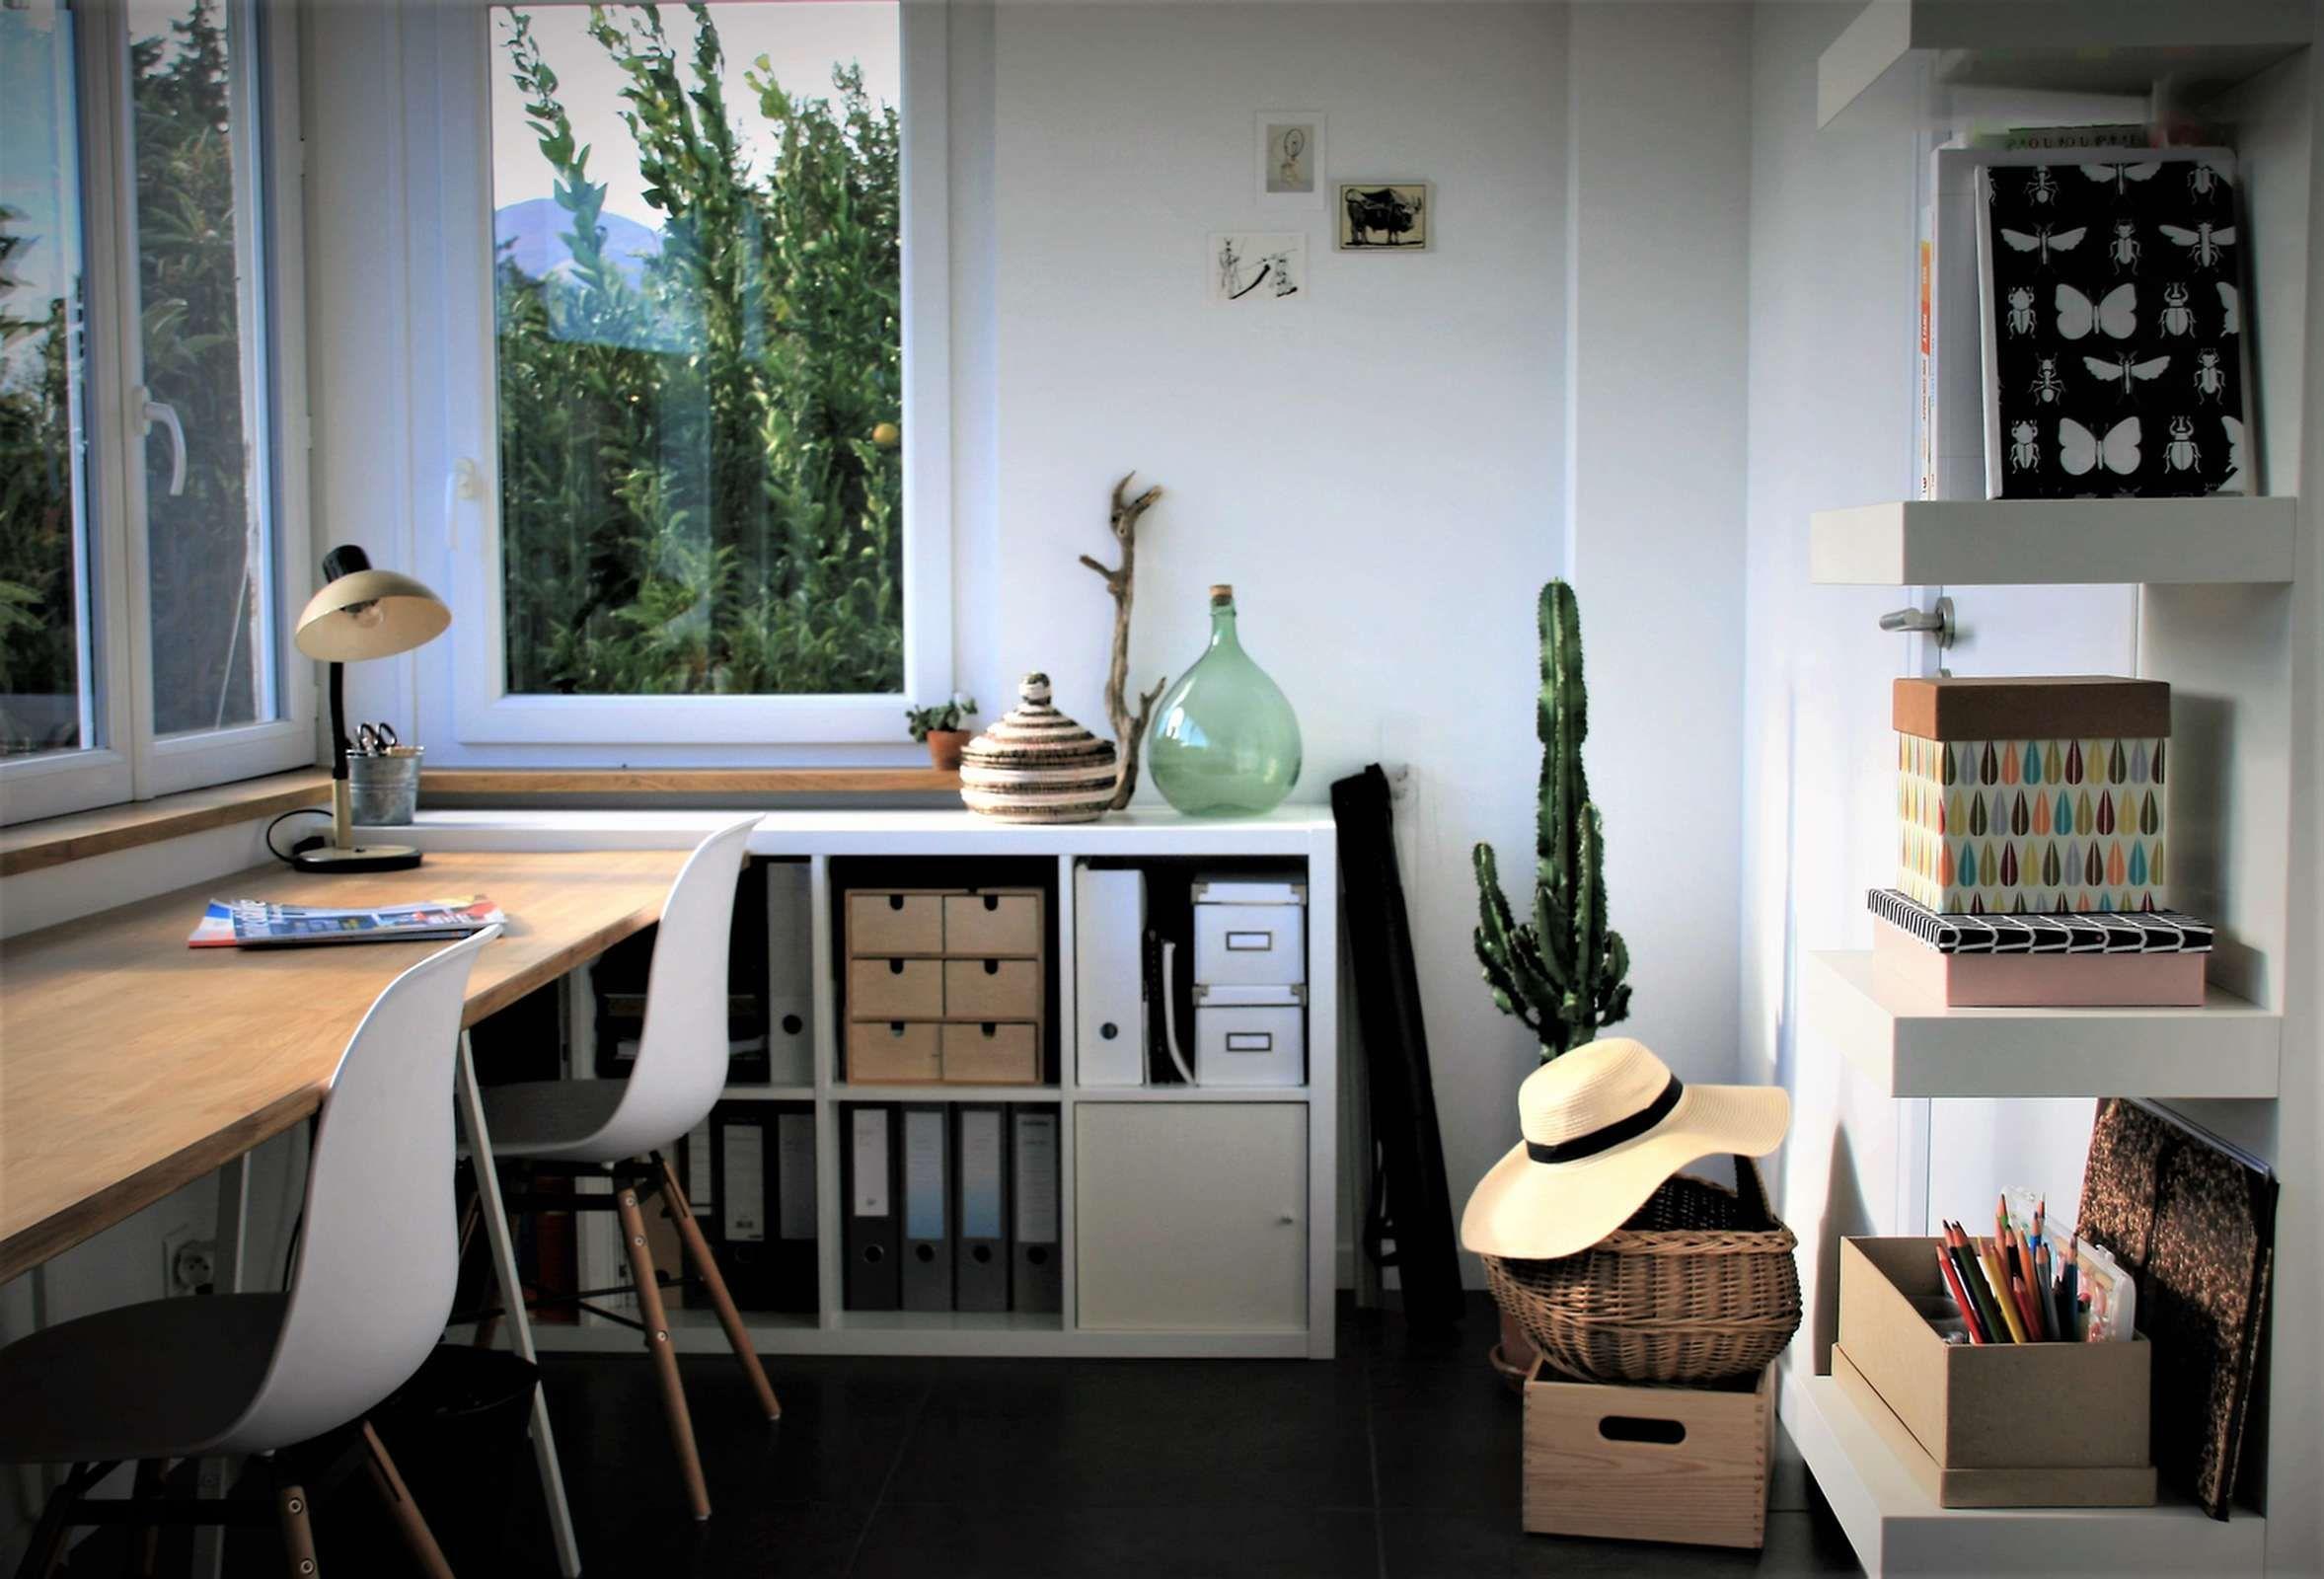 Bureau Sous La Fenetre Et Bibliotheque Ikea Pour Plus De Rangement Amenagement Bureau Bibliotheque Rangement Idee Deco Studio